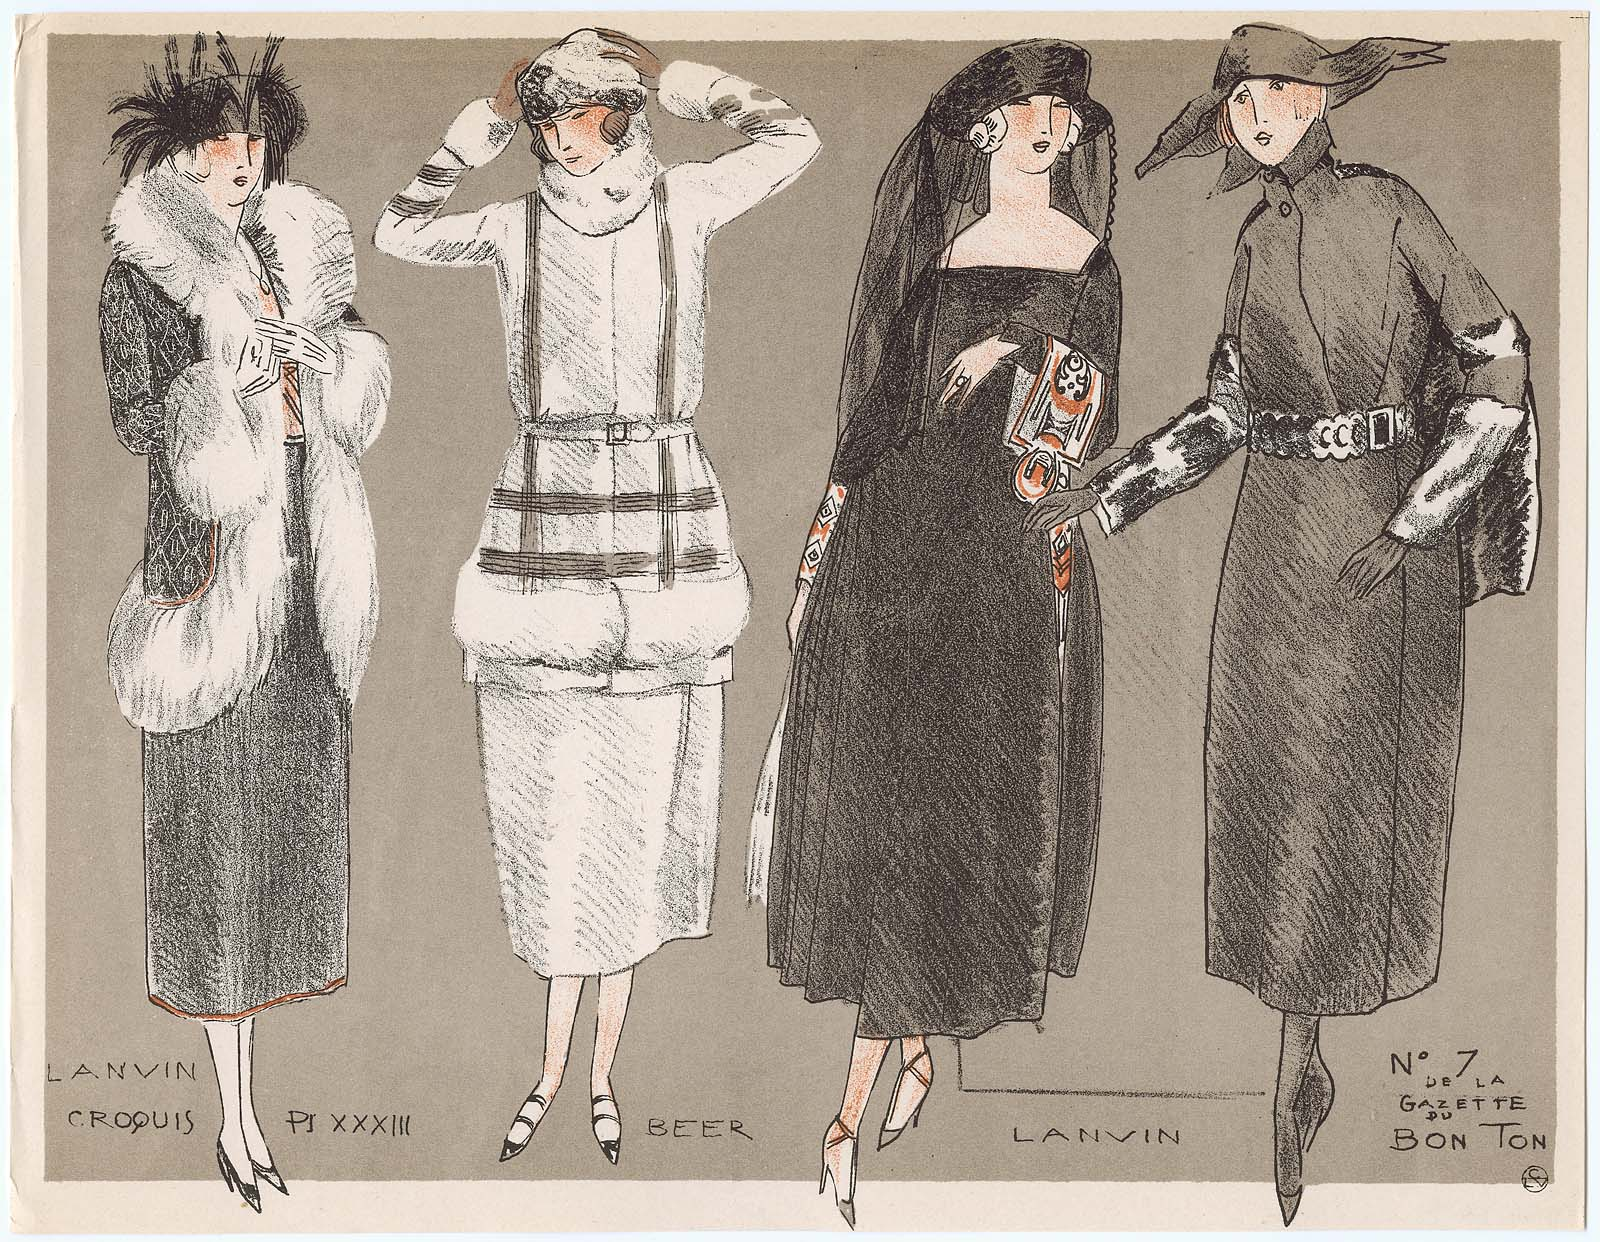 la mode pour l 39 automne 1920 croquis xxxiii from gazette du bon ton volume 2 no 7 museum. Black Bedroom Furniture Sets. Home Design Ideas